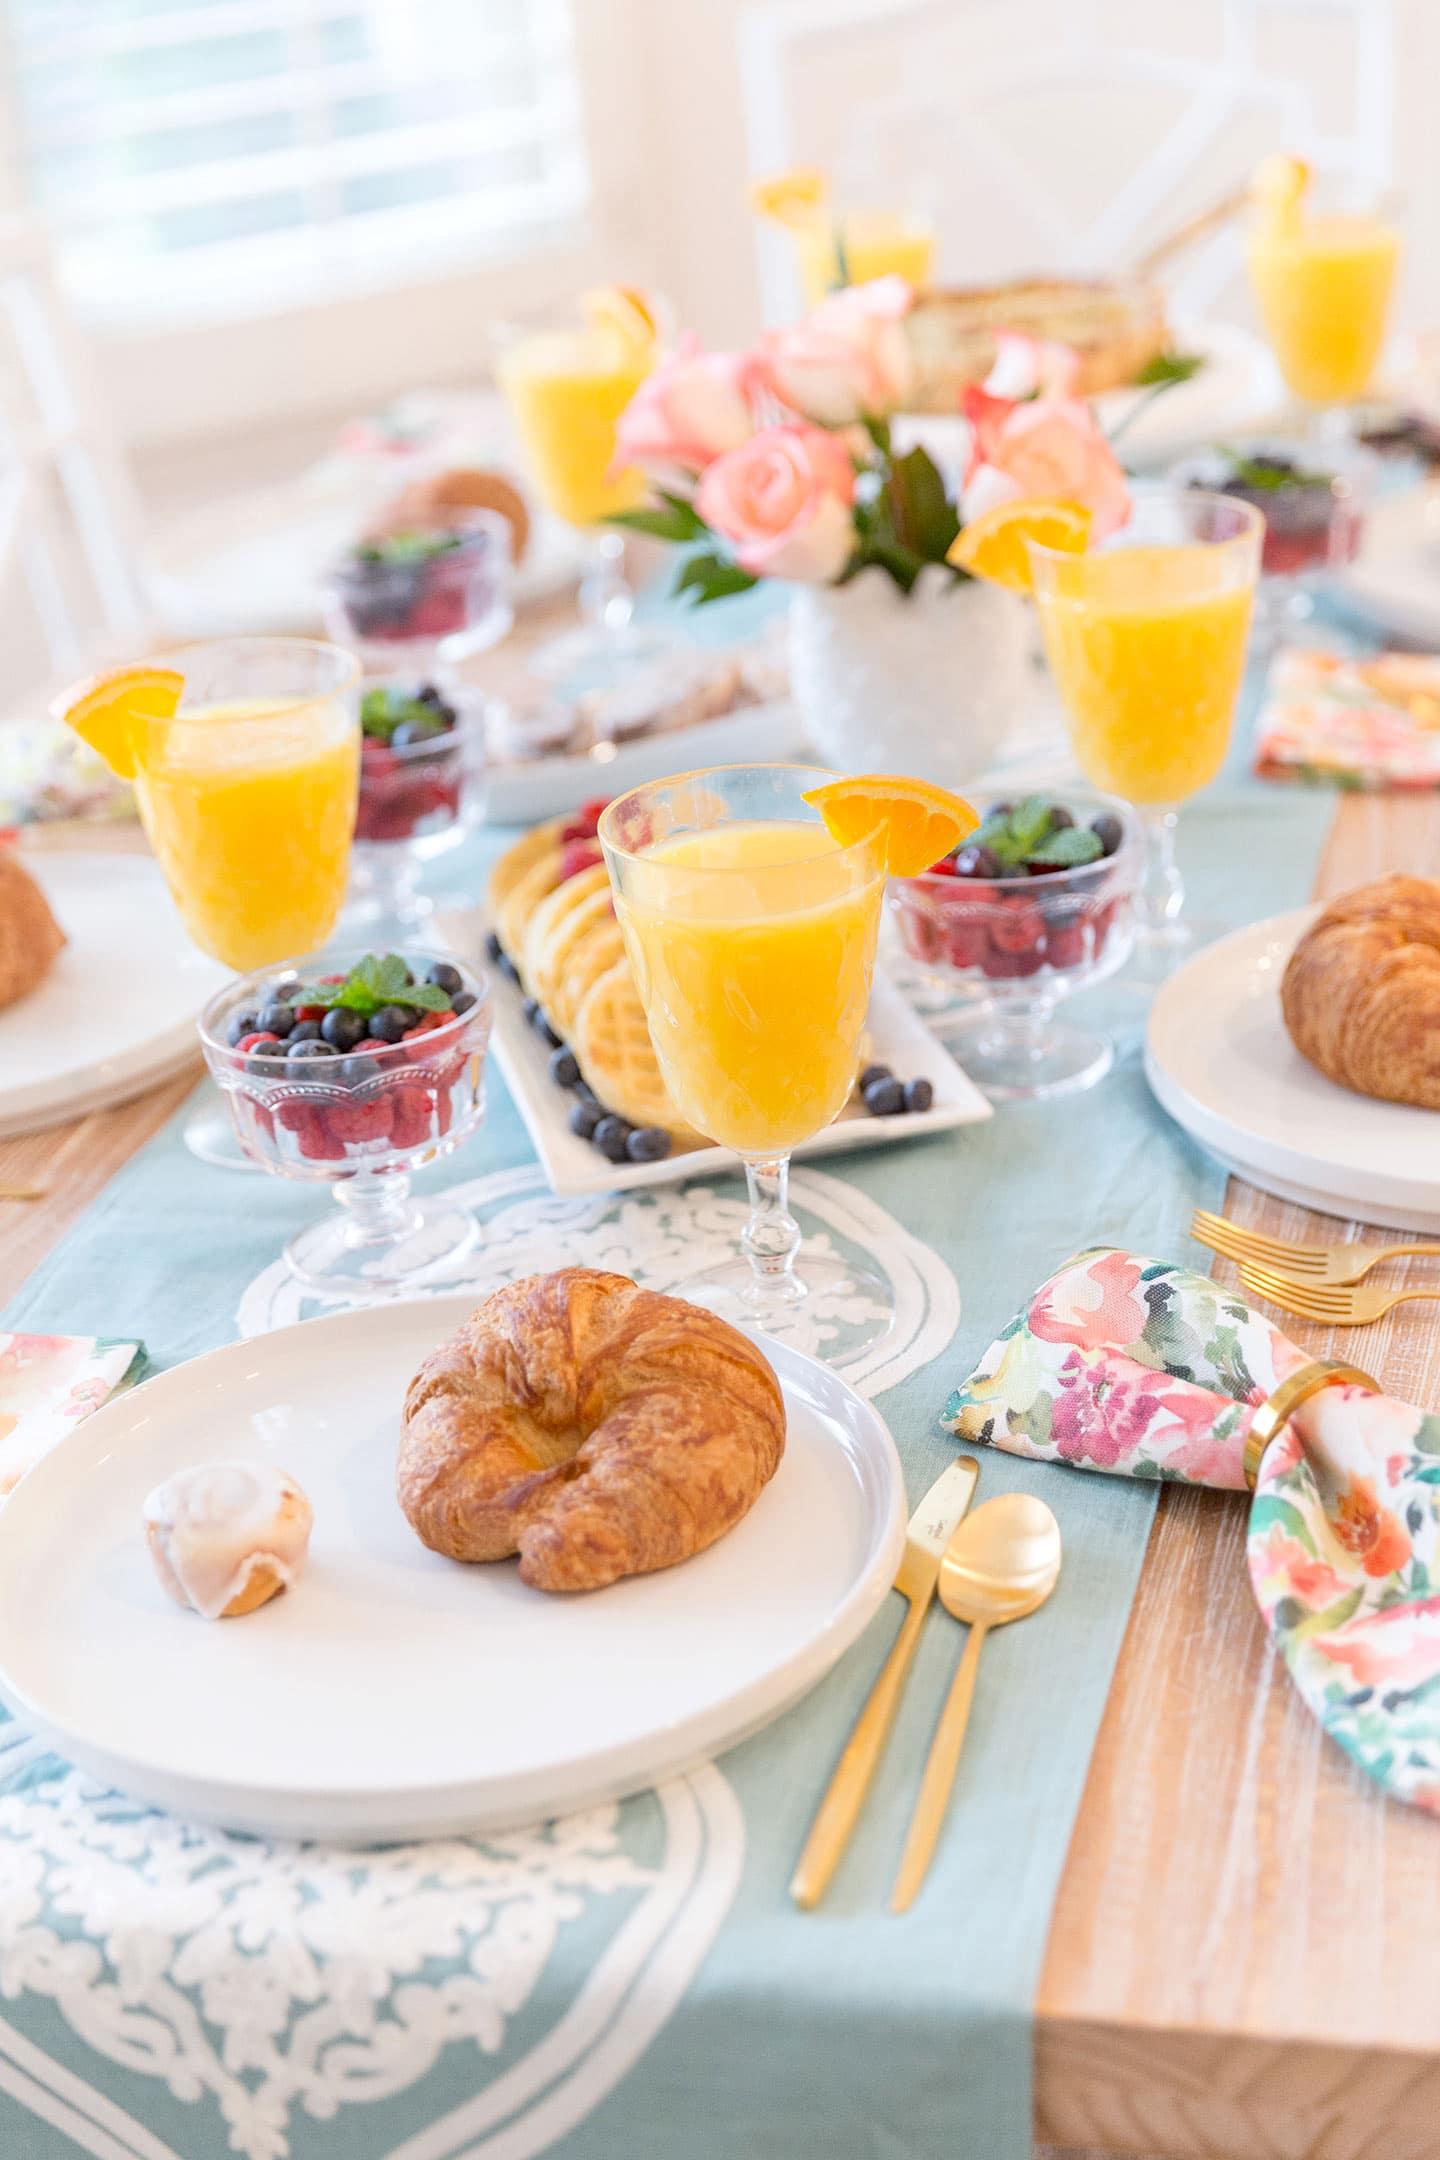 The secret to hosting an effortless yet elegant brunch!